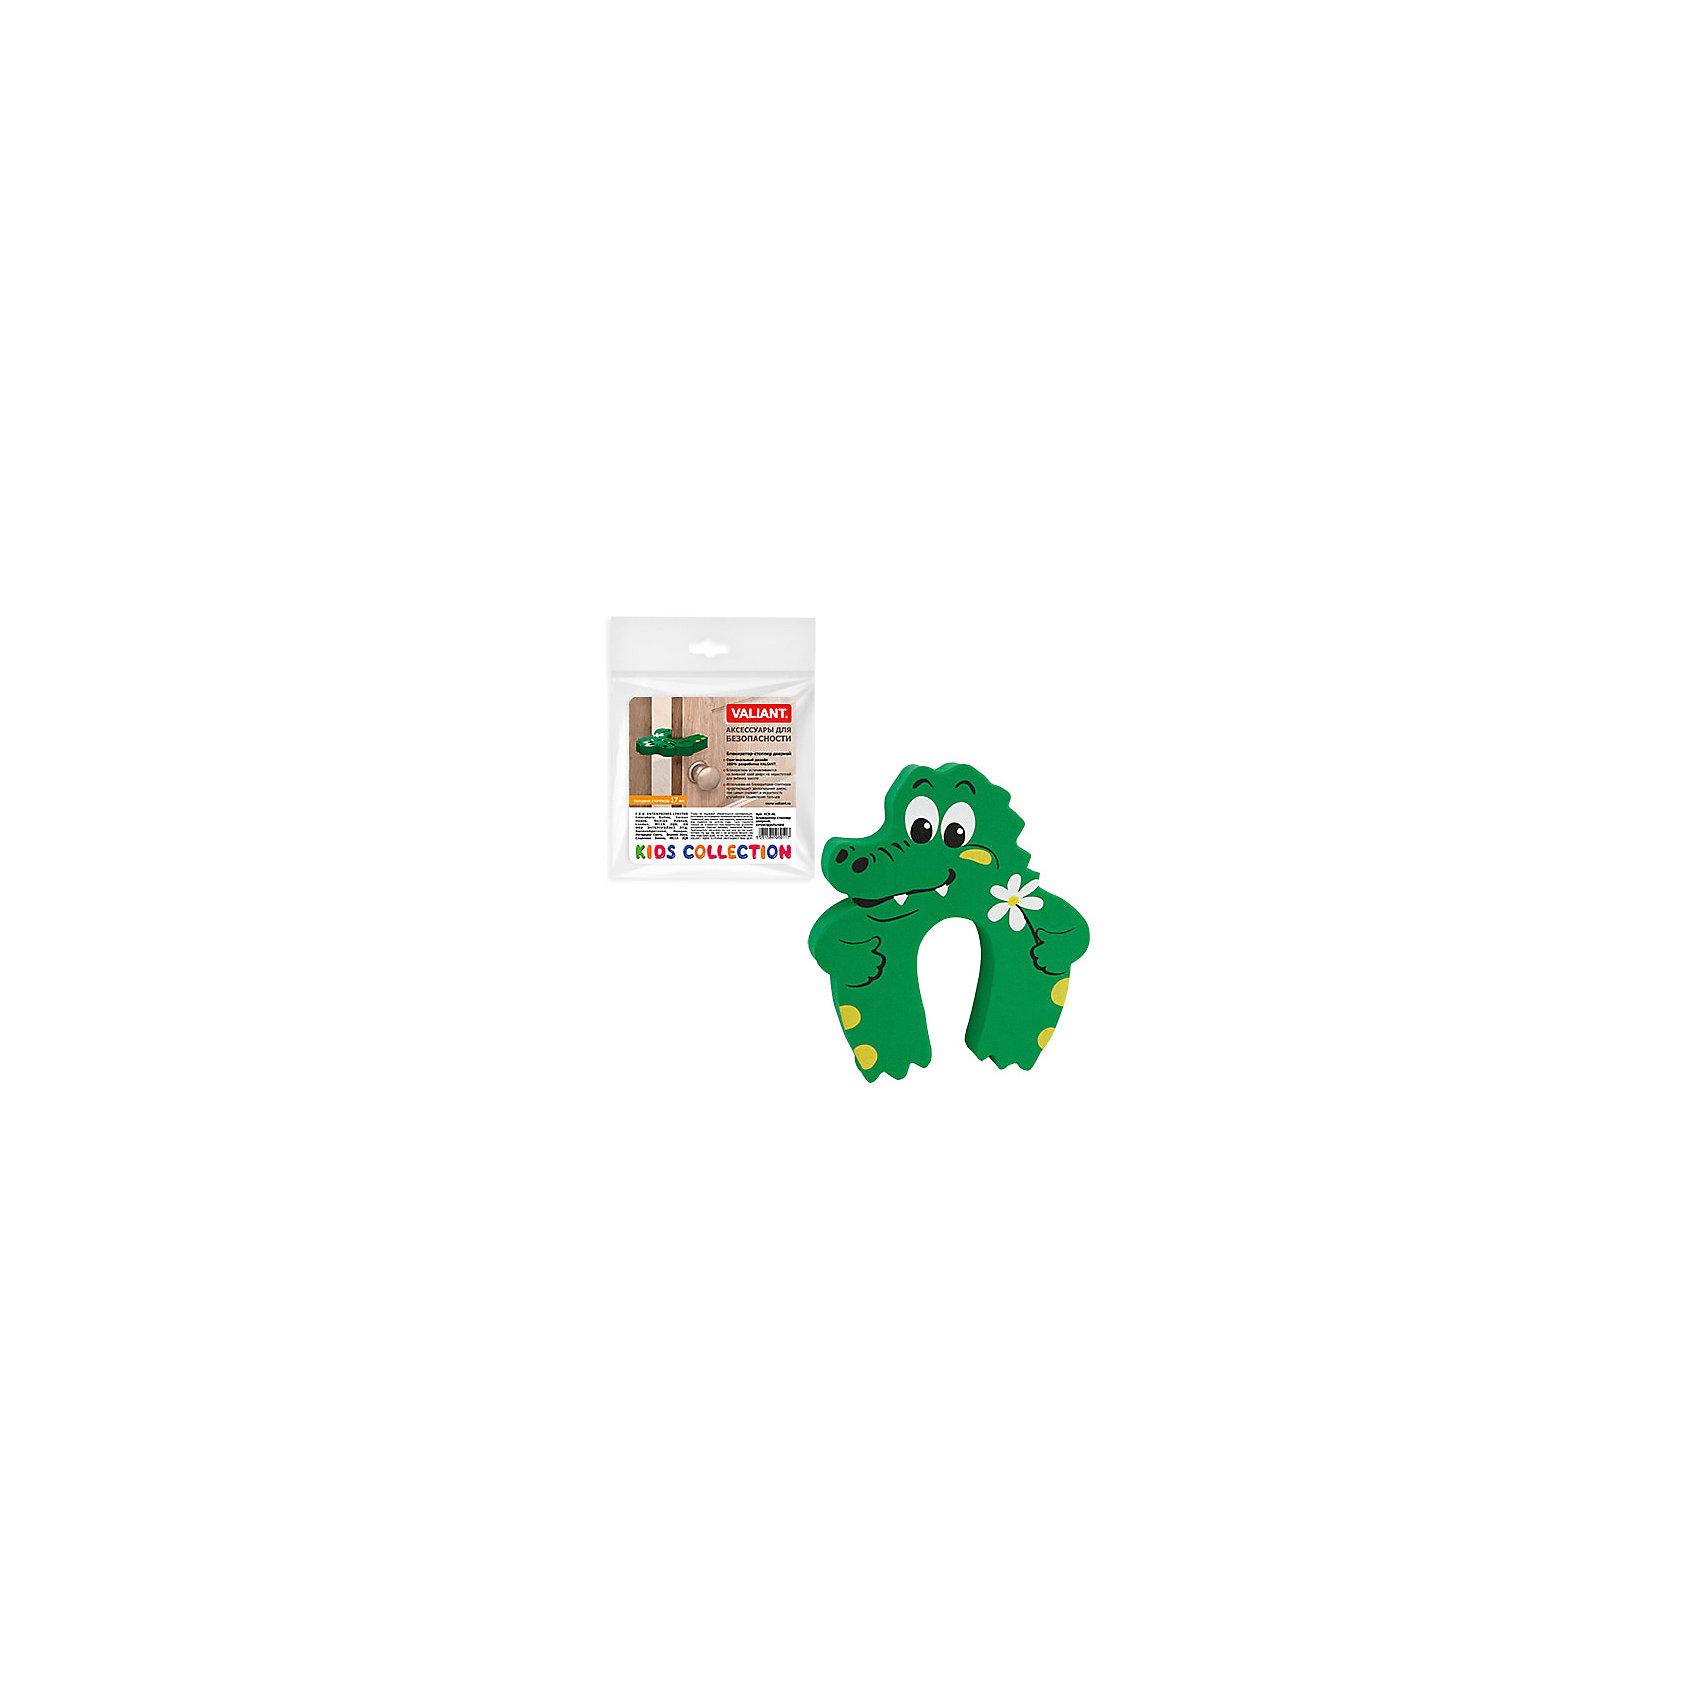 VALIANT Блокиратор-стоппер Крокодильчик для дверей мир детства блокиратор для двери замочек 2 шт